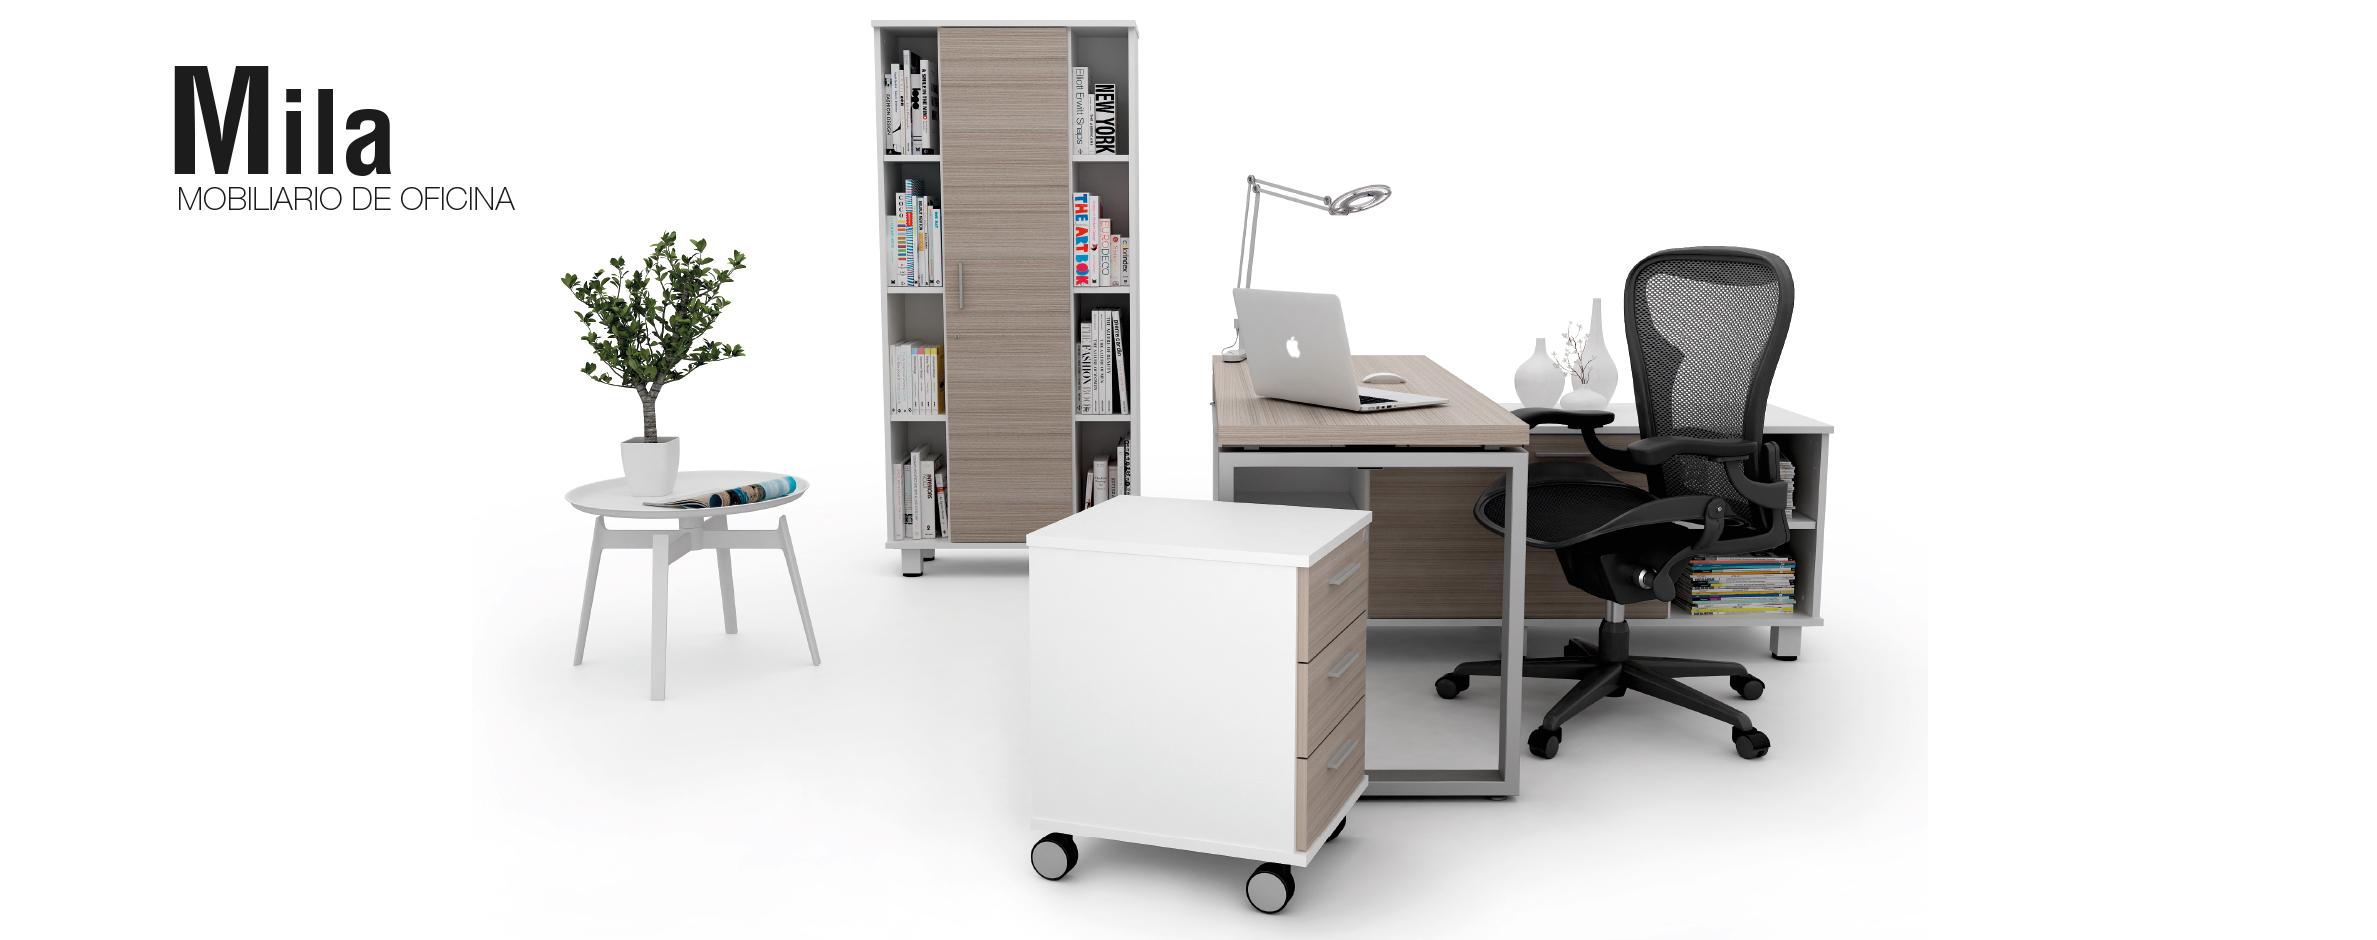 Muebles silcosil empresa de muebles 28 images silcosil - Empresas de muebles ...